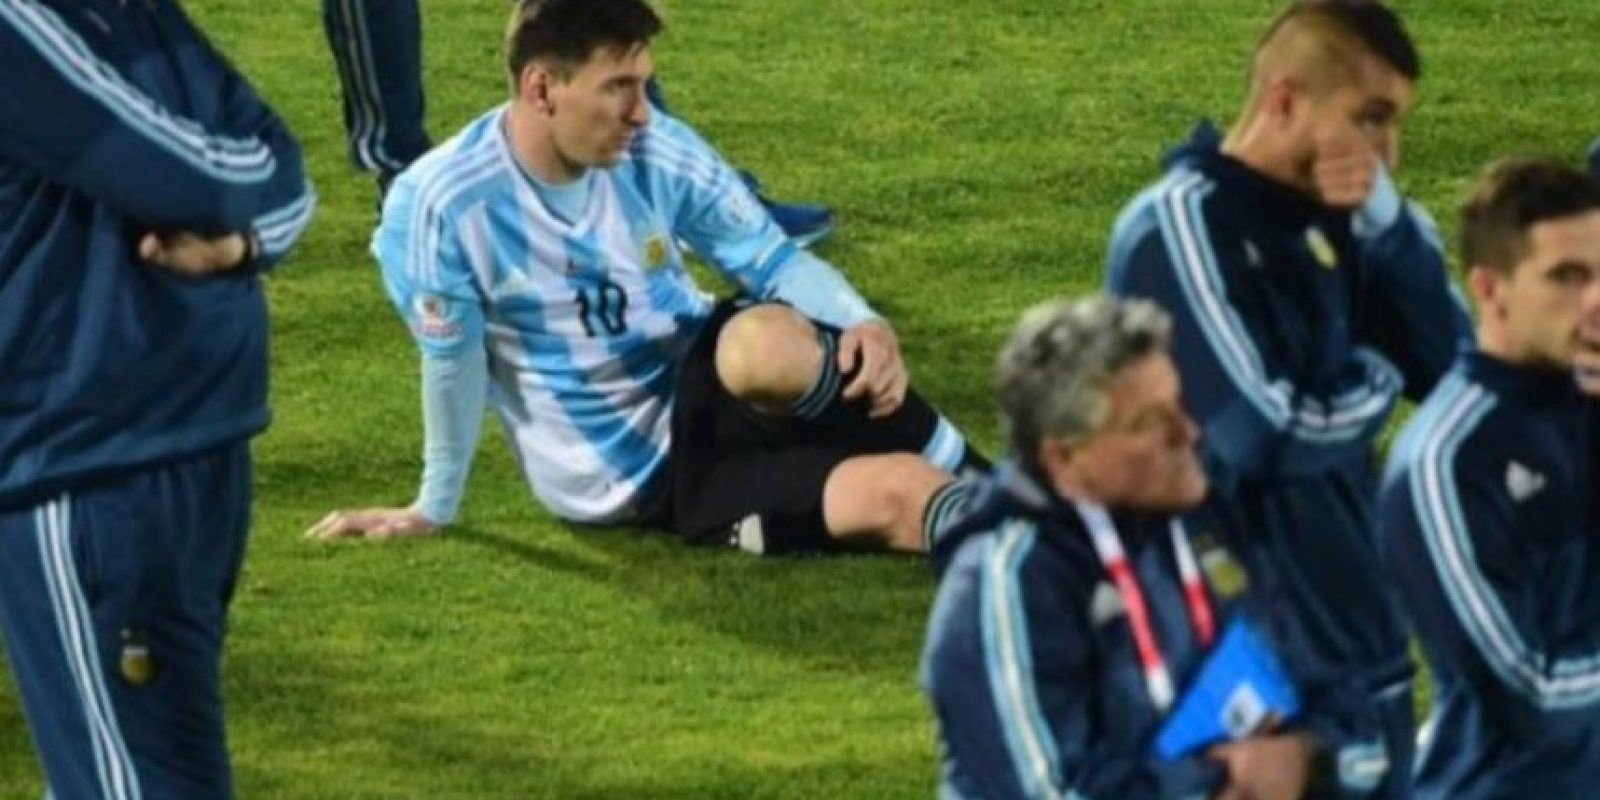 Madre de seleccionado chileno agredió a la familia de Lionel Messi Foto:Getty Images